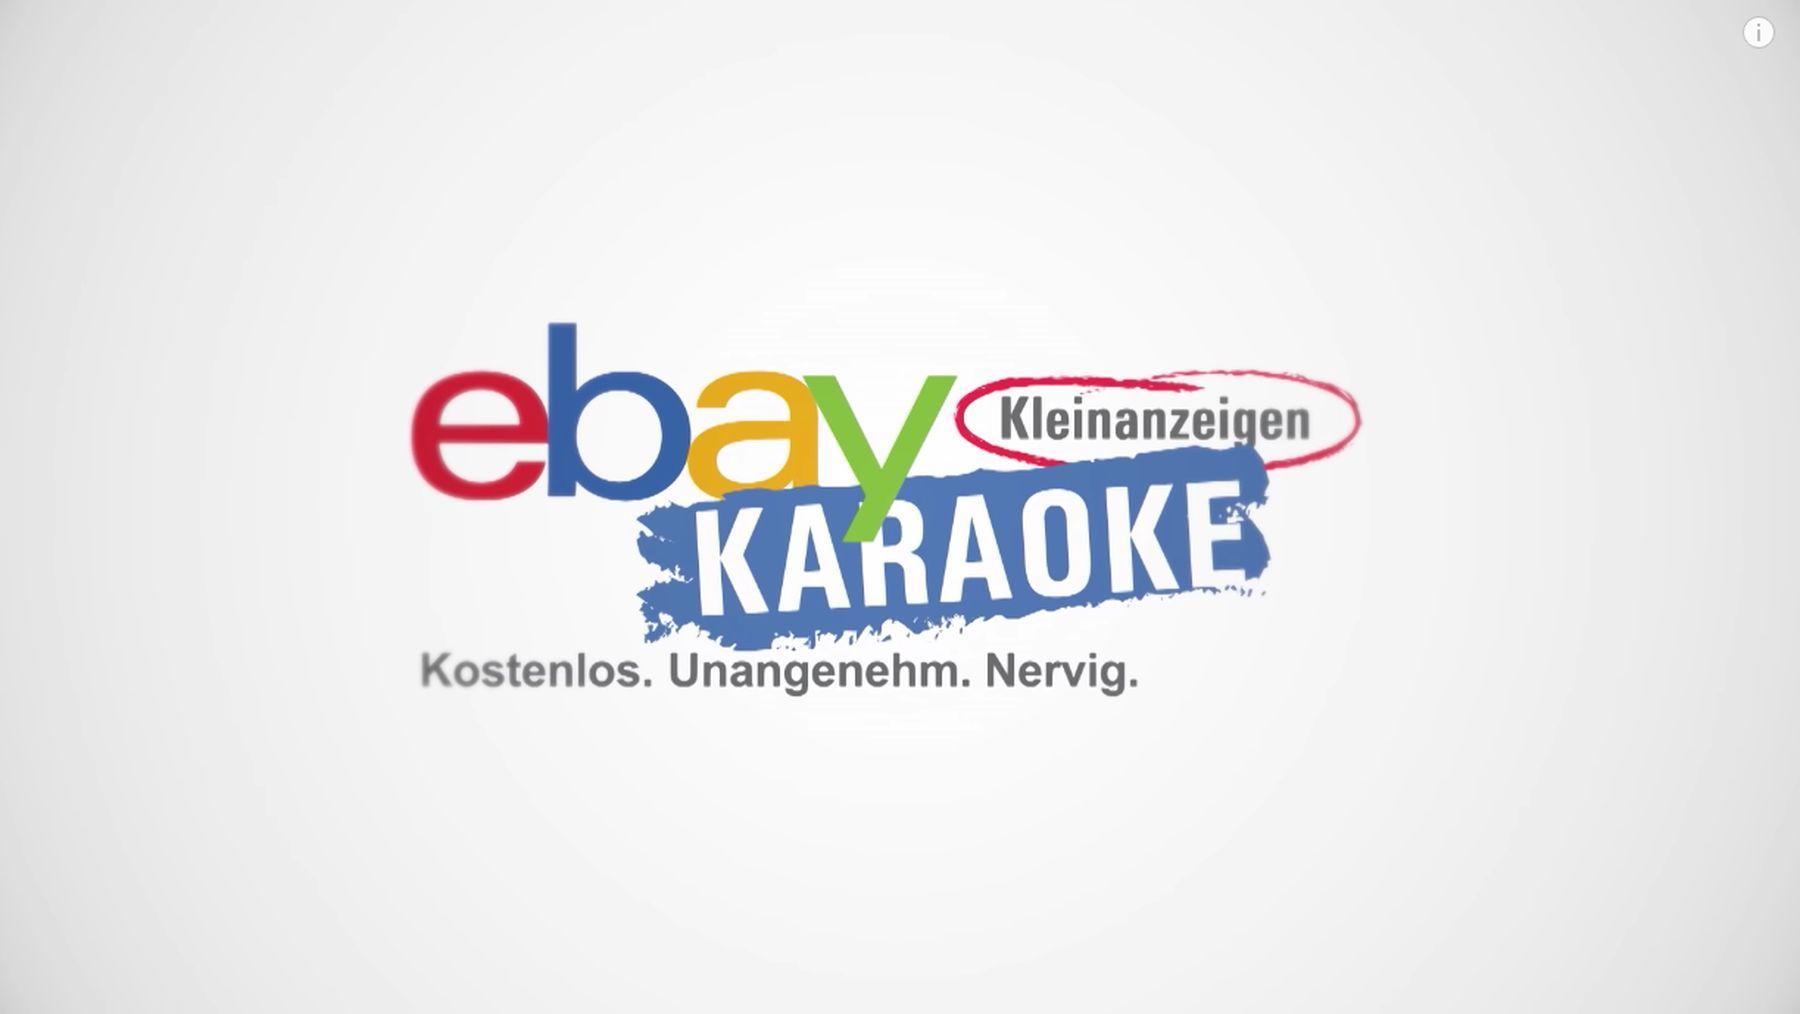 ebay Kleinanzeigen Karaoke mit Jan Georg Schütte und Bjarne Mädel   Lustiges   Was is hier eigentlich los?